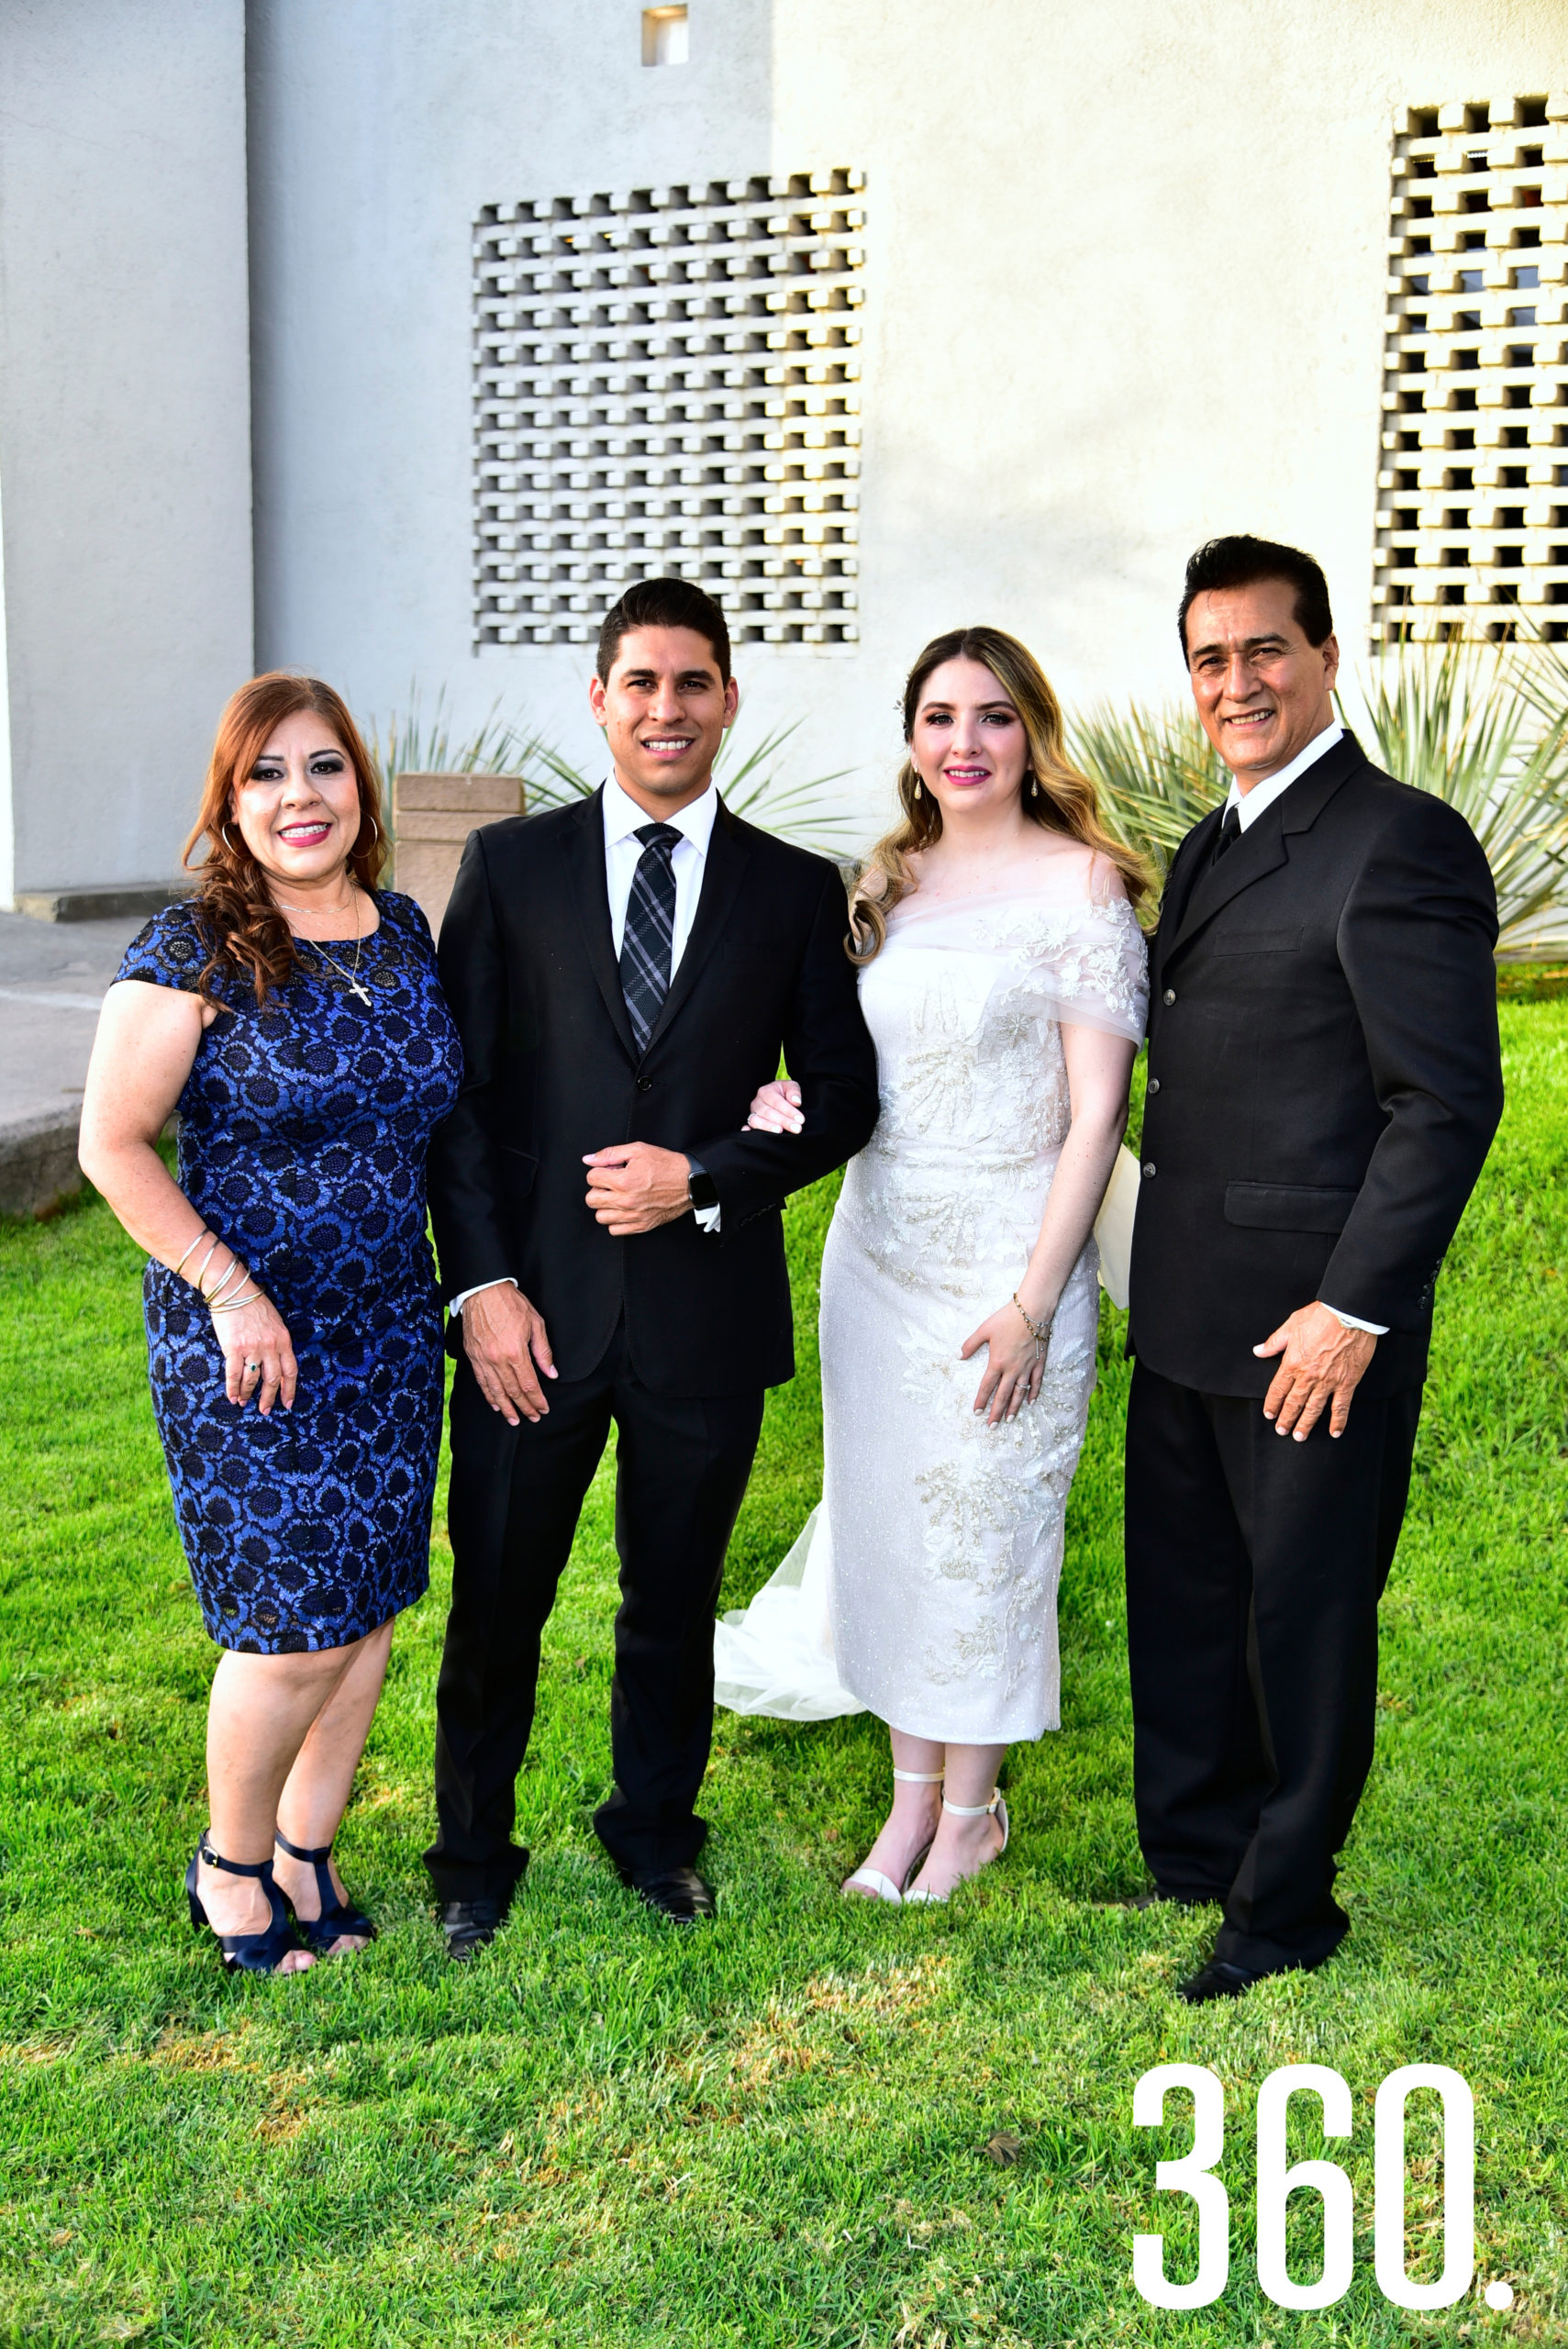 Ale Villasana y Javier Villaseñor con sus papás Javier Villaseñor y Elsa Nelly Coss.